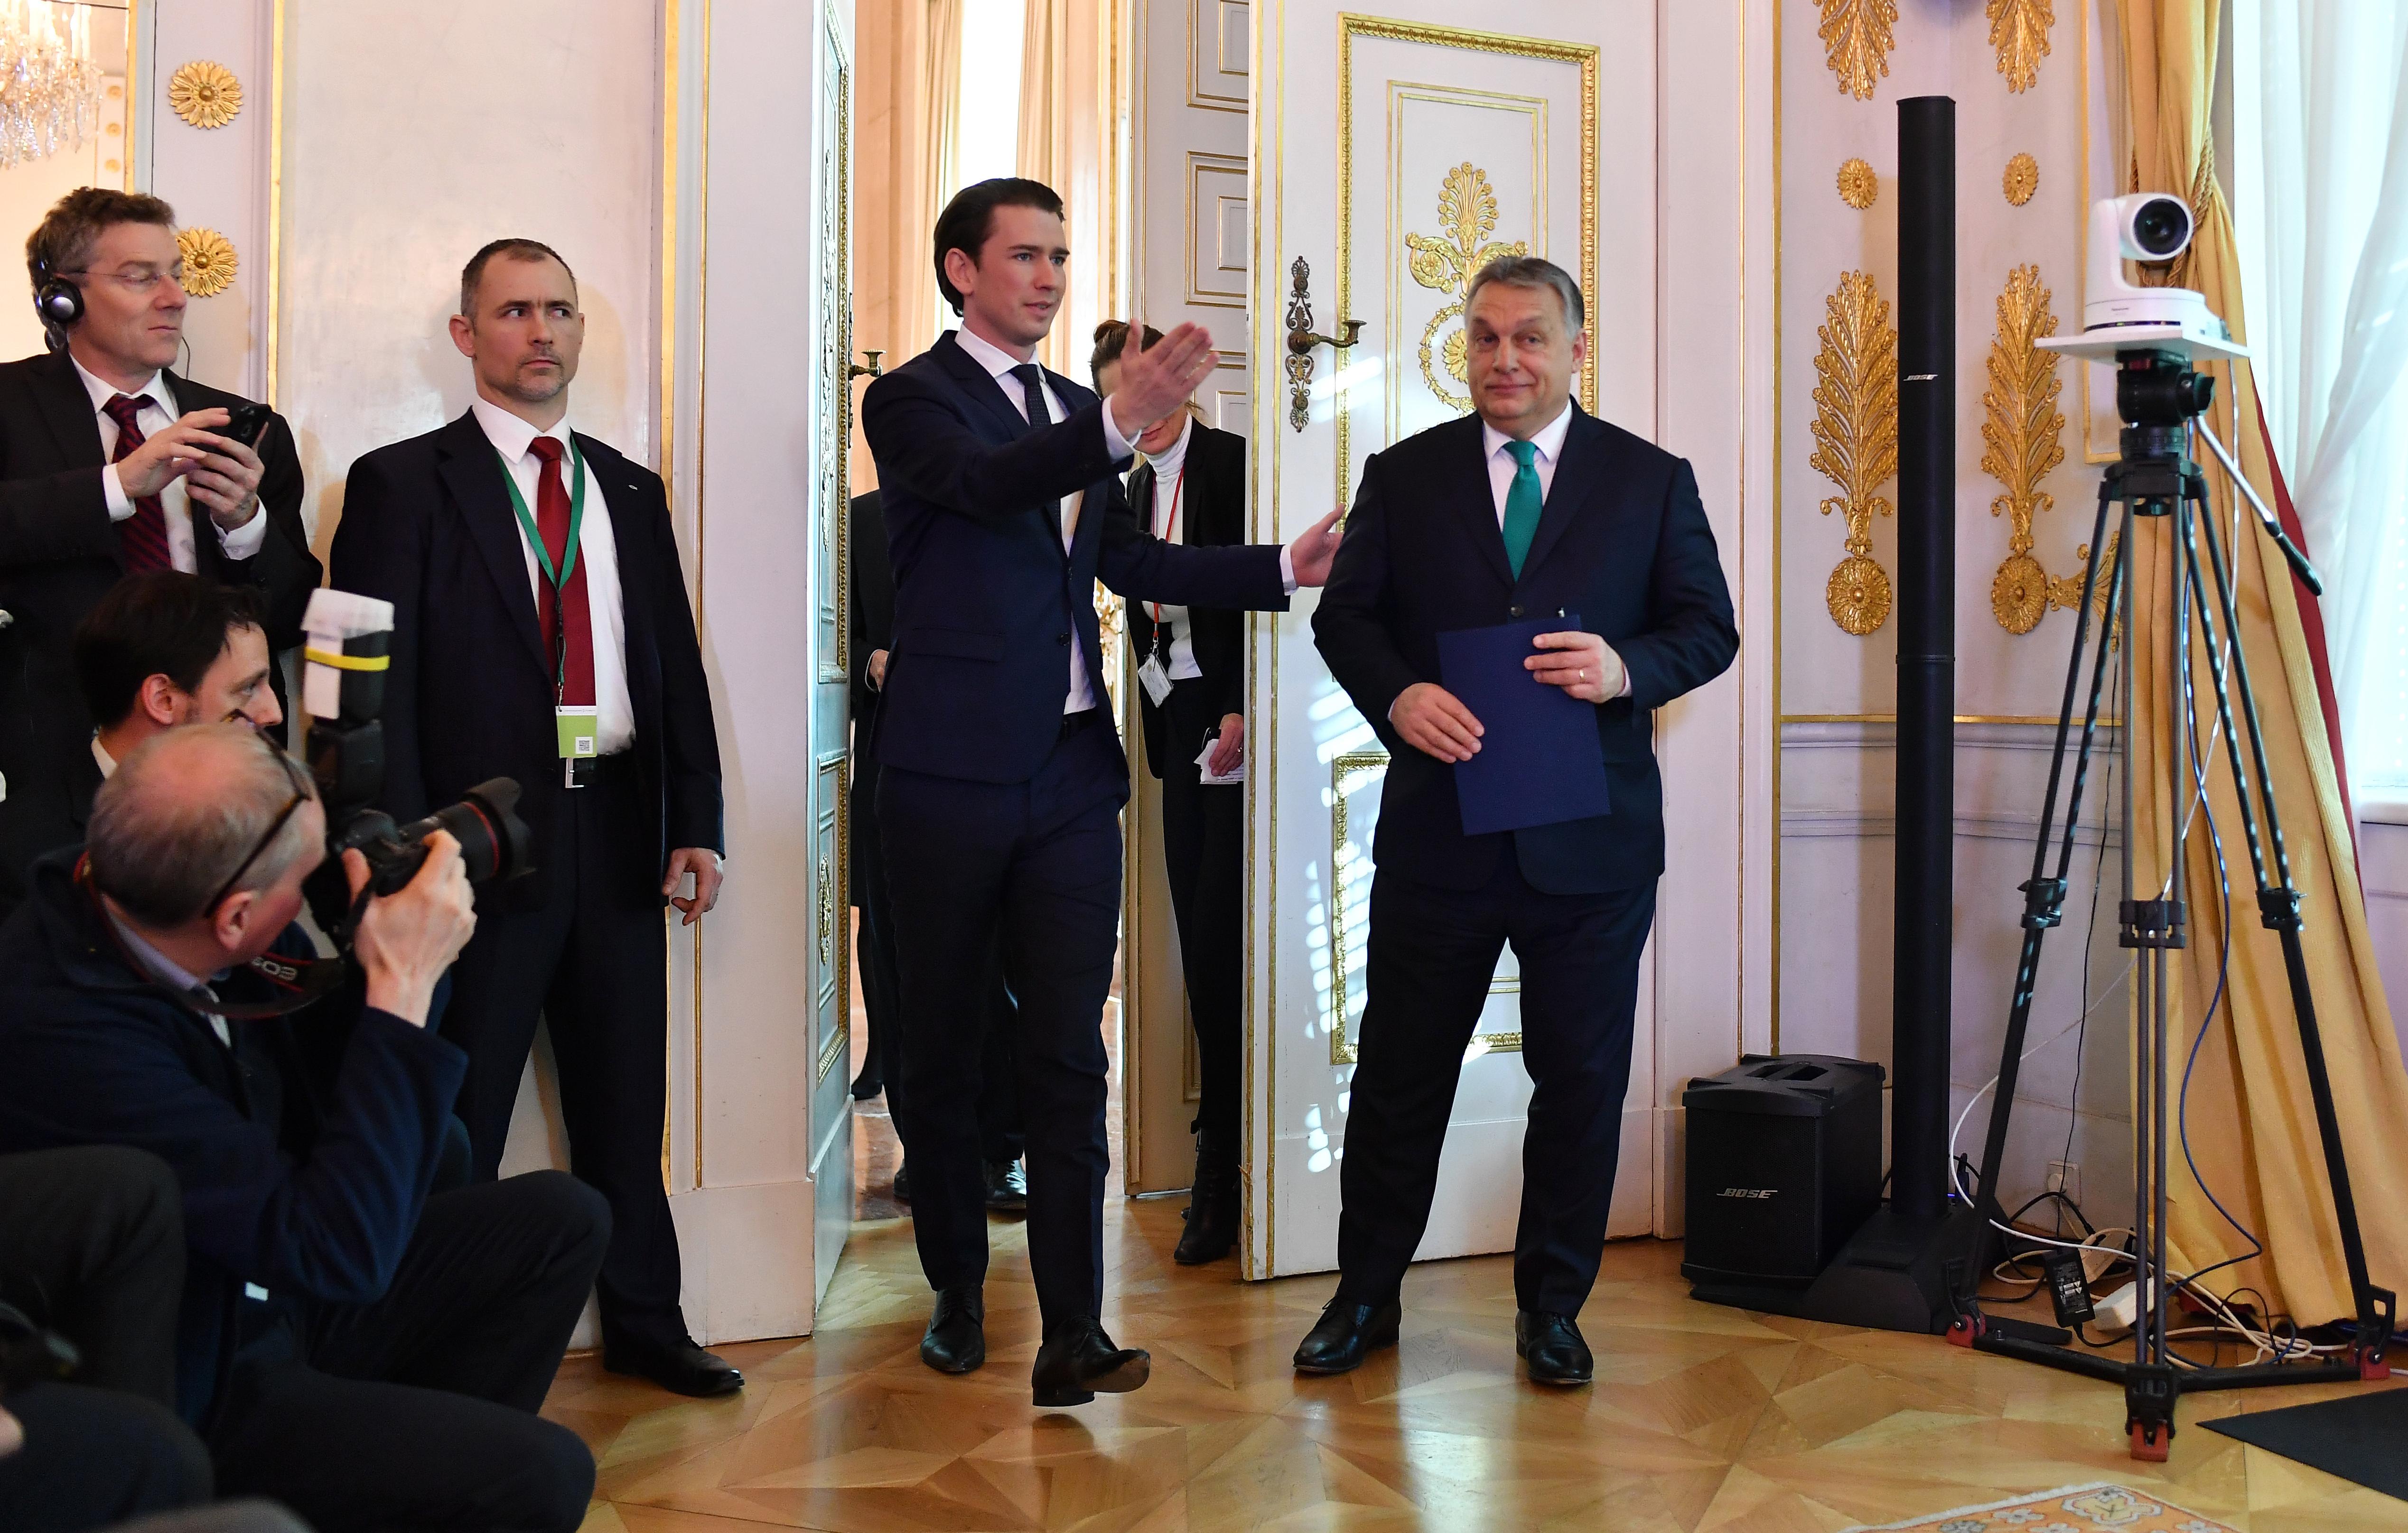 Sebastian Kurz azért támogatta a magyar kormány elleni eljárást, mert szerinte a jogállamiságról nem lehet alkudozni